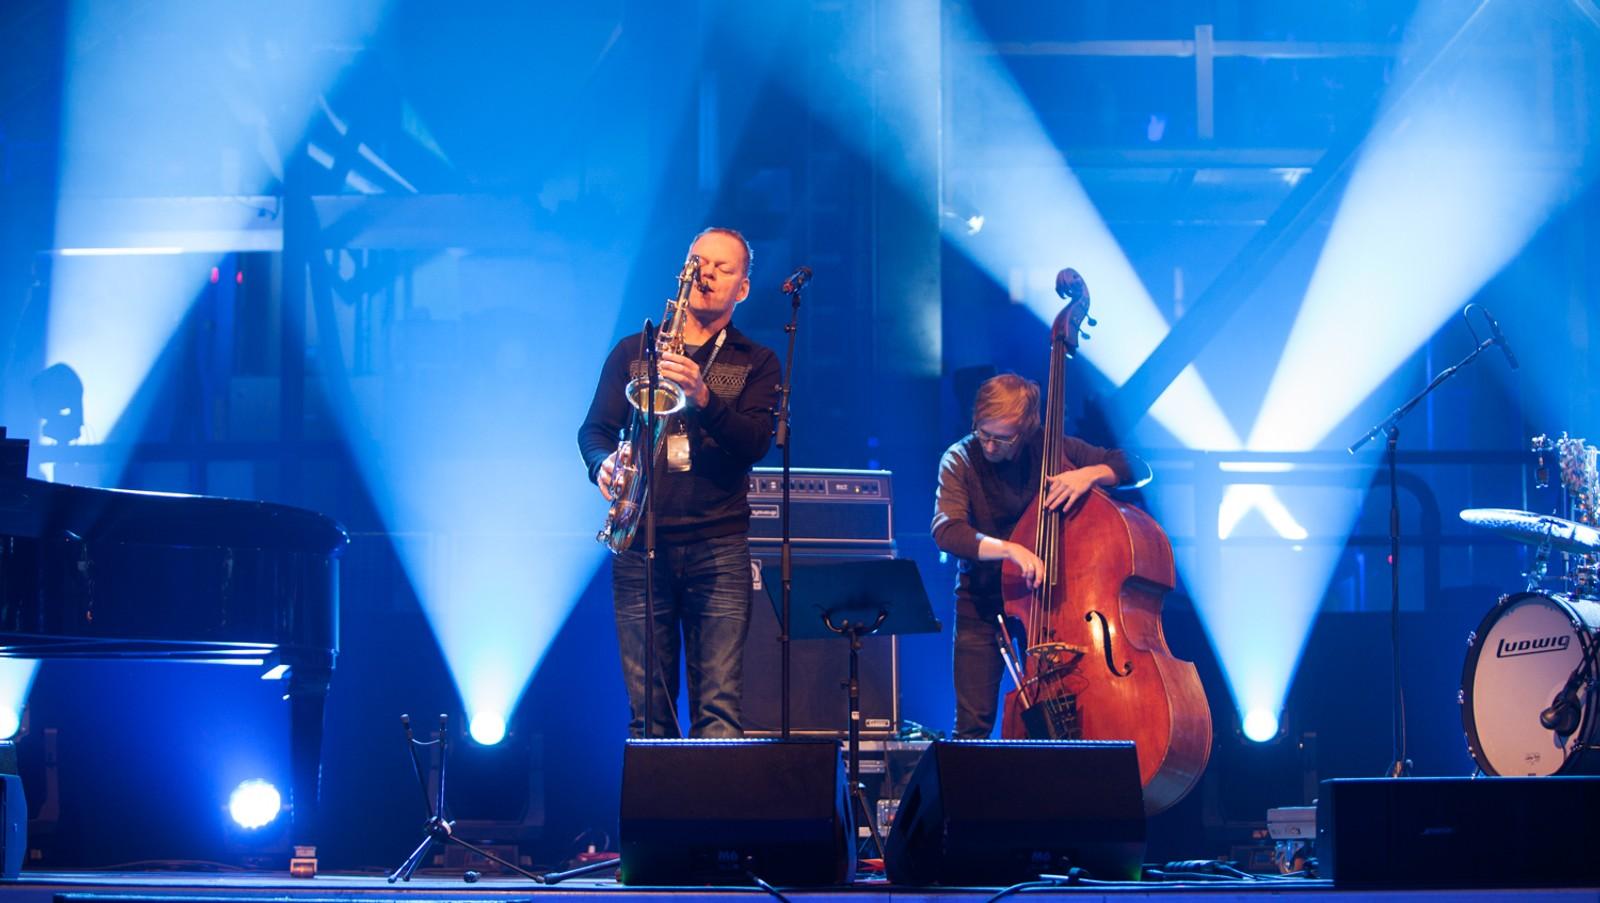 FLOTT KONSERT: Mange kjente, lokale artistar, både talent og etablerte musikarar, opptrer frå scenen i Høyanger.